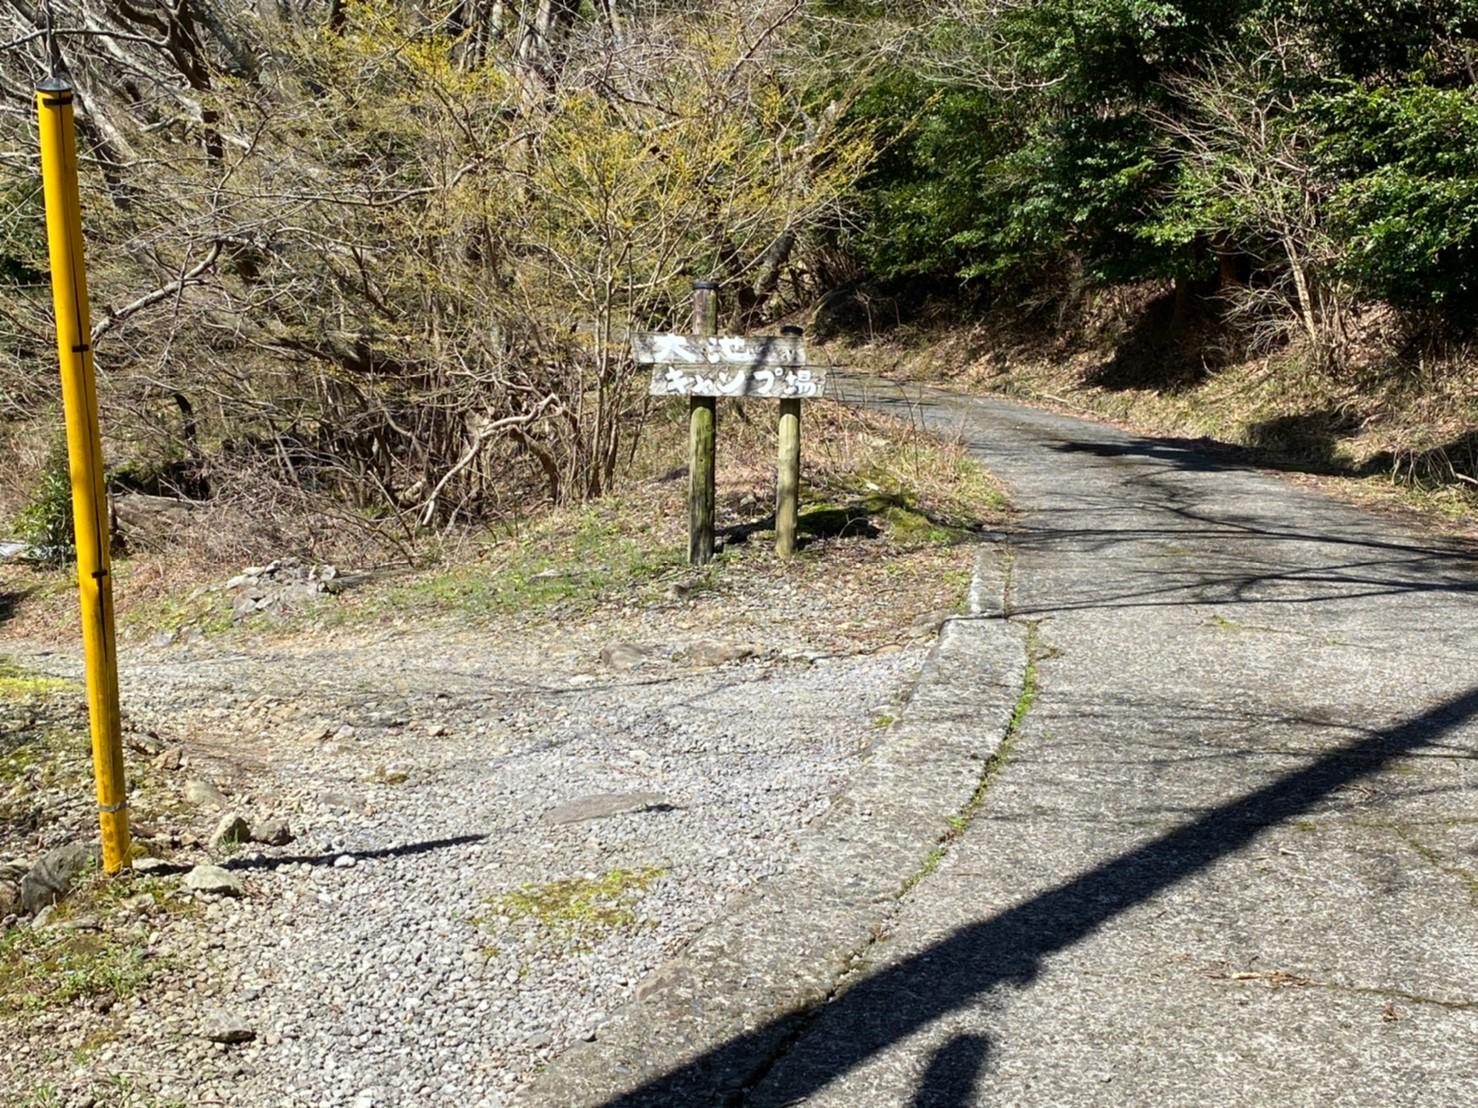 【静岡県 伊豆】『大池キャンプ場』の情報まとめ(駐車場・トイレ)